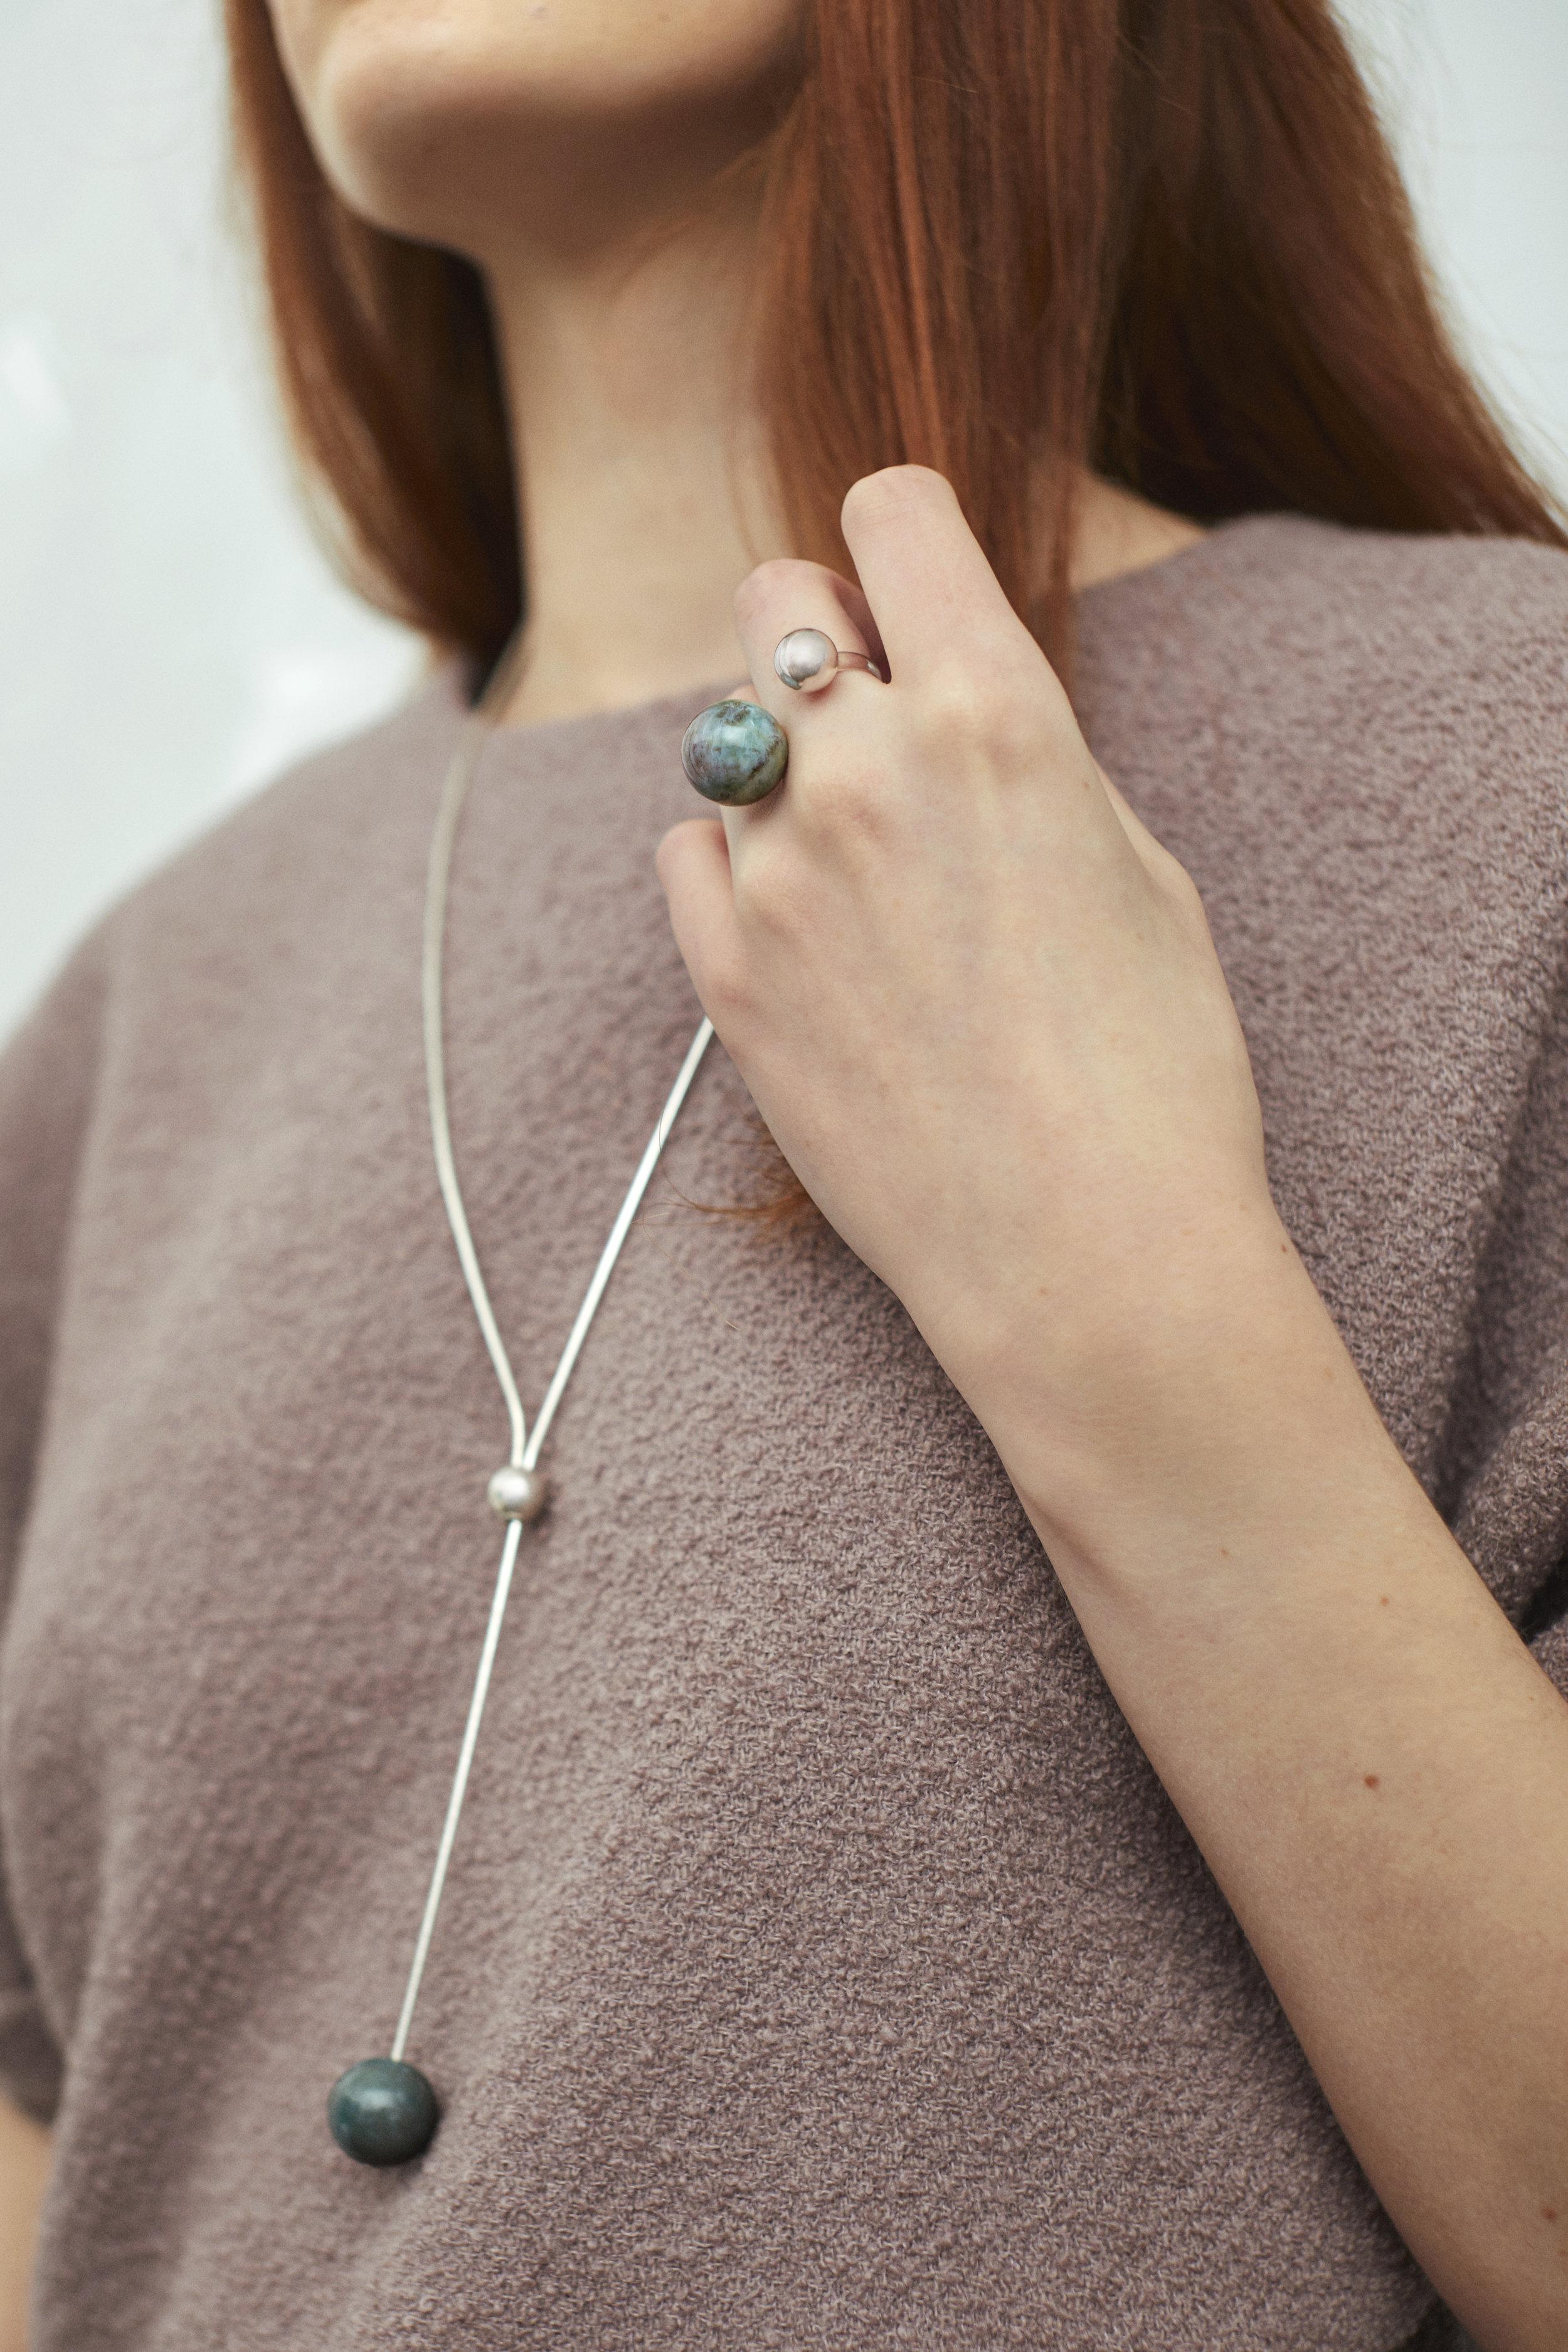 ▲ ARPEGGIO II open ring, ARPEGGIO necklace